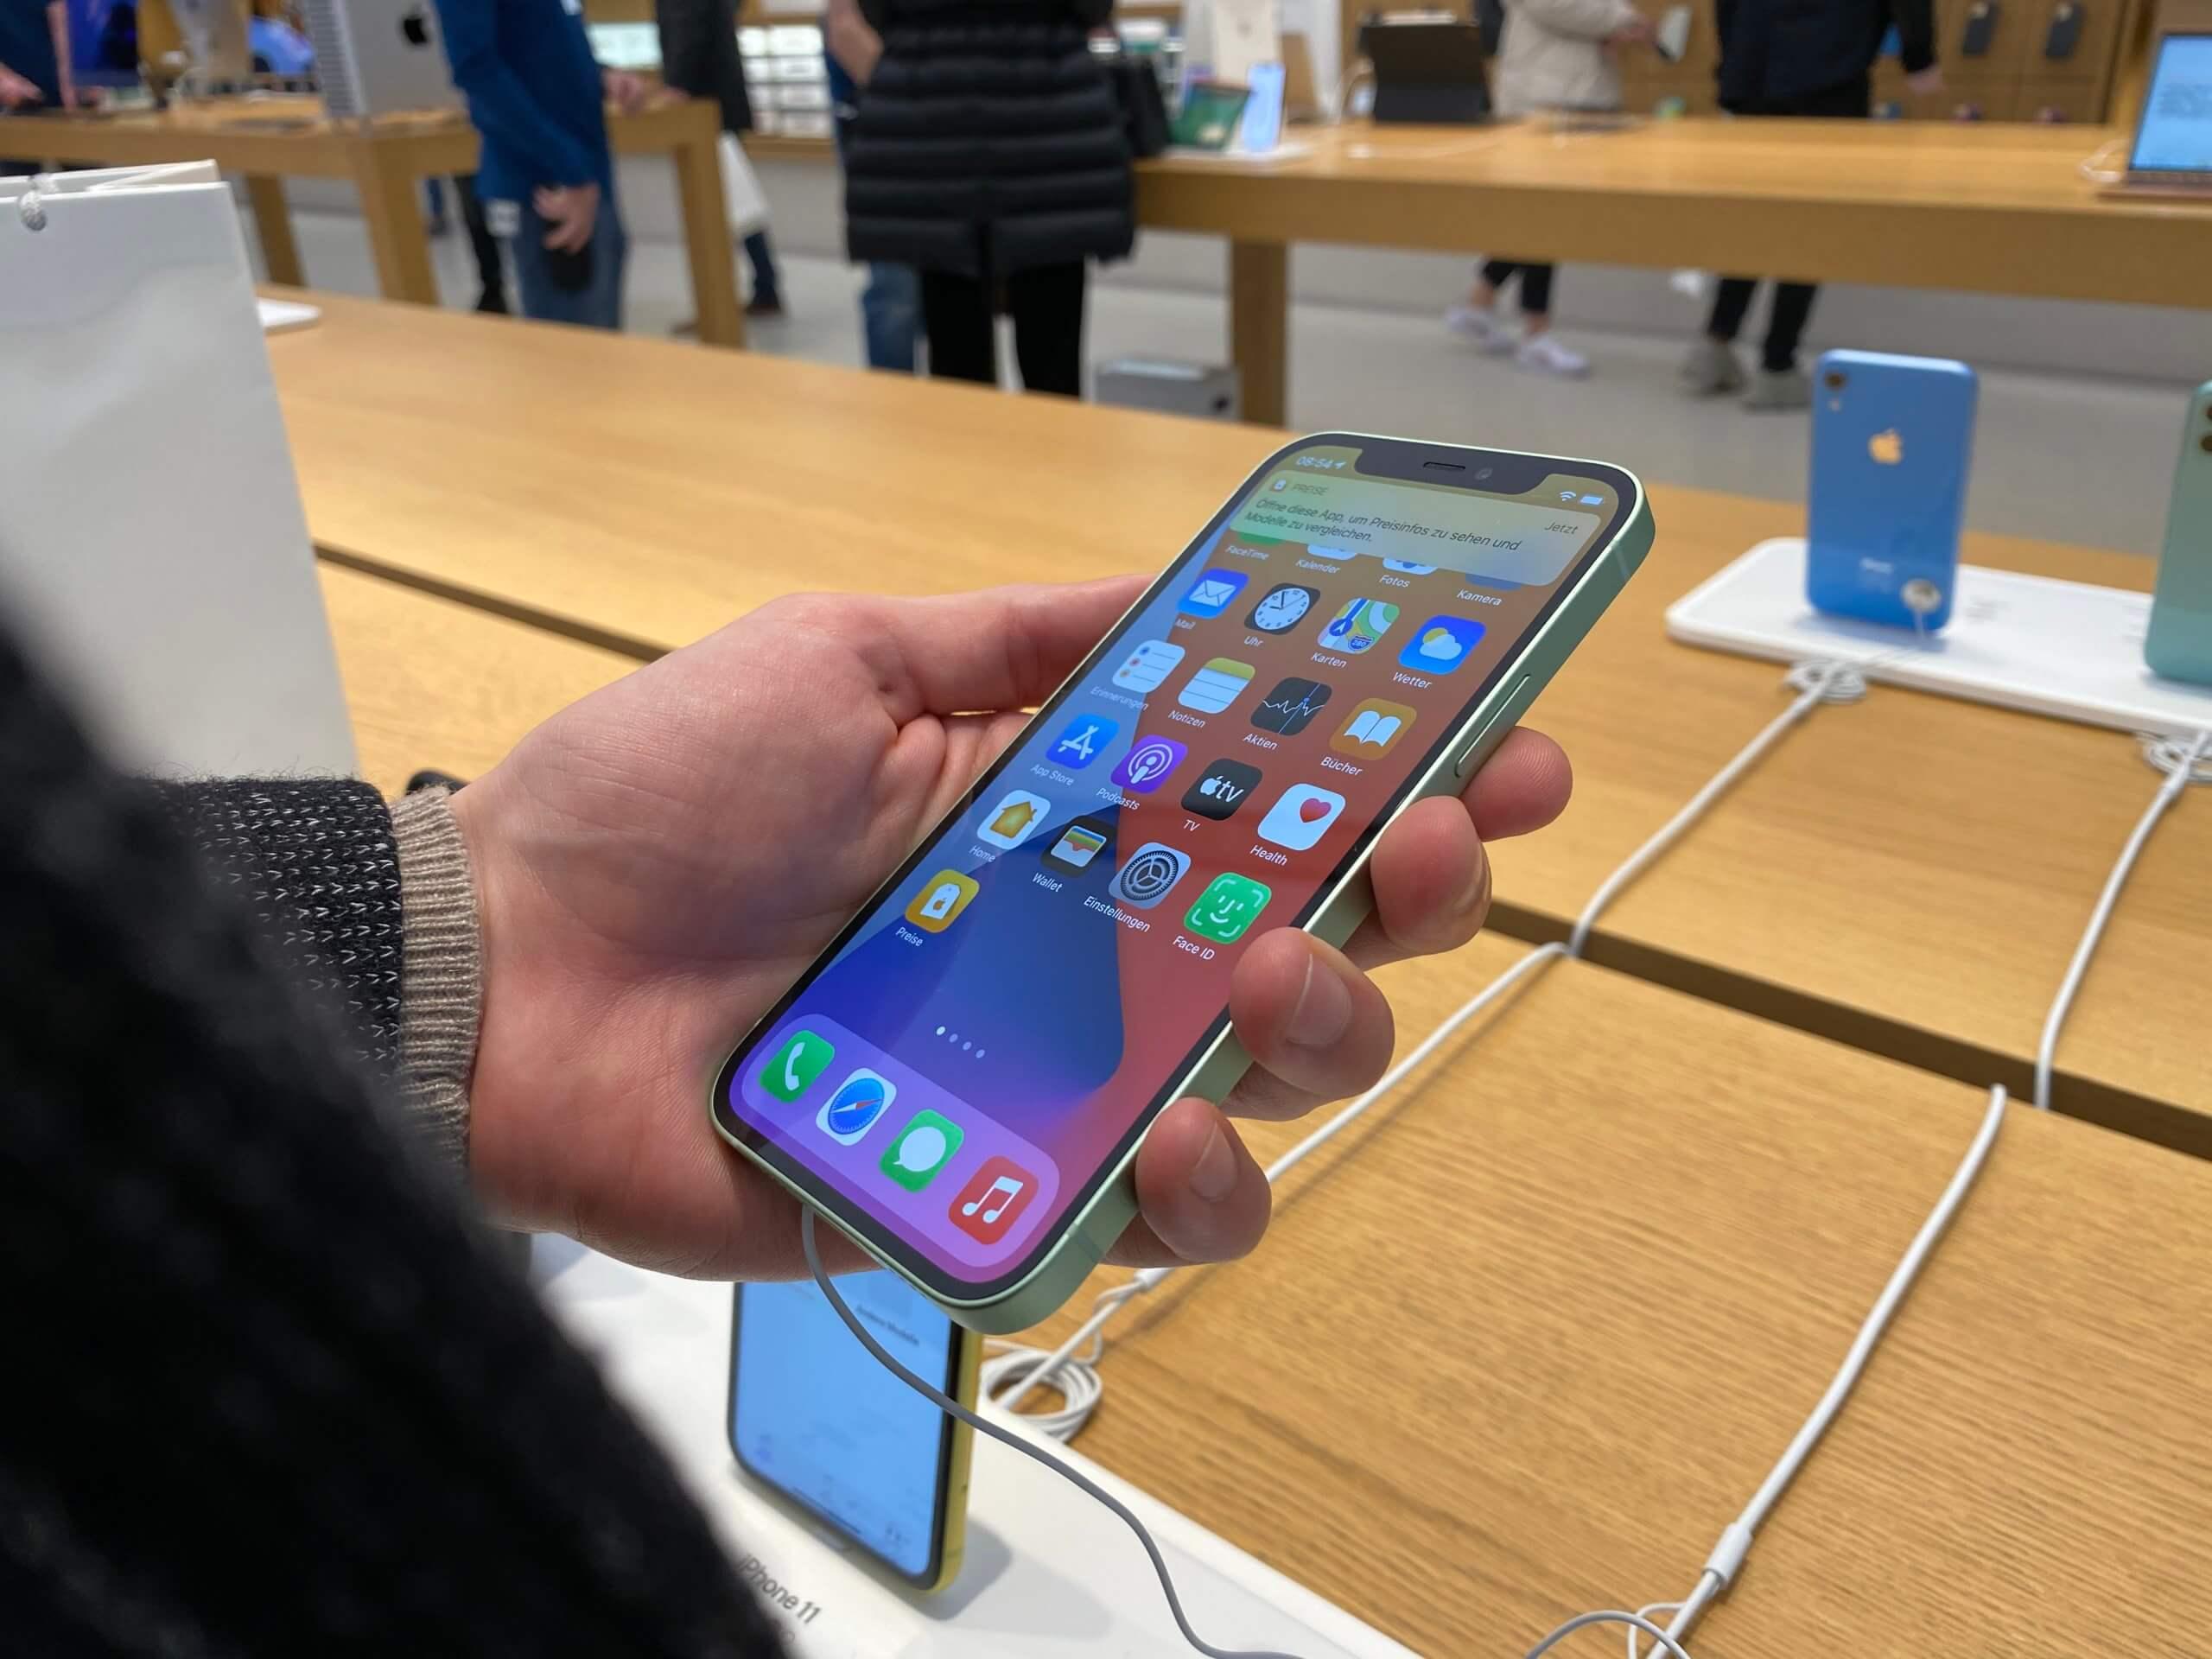 -Full-Bloom-Apple-ver-ffentlicht-neuen-Clip-zum-iPhone-12